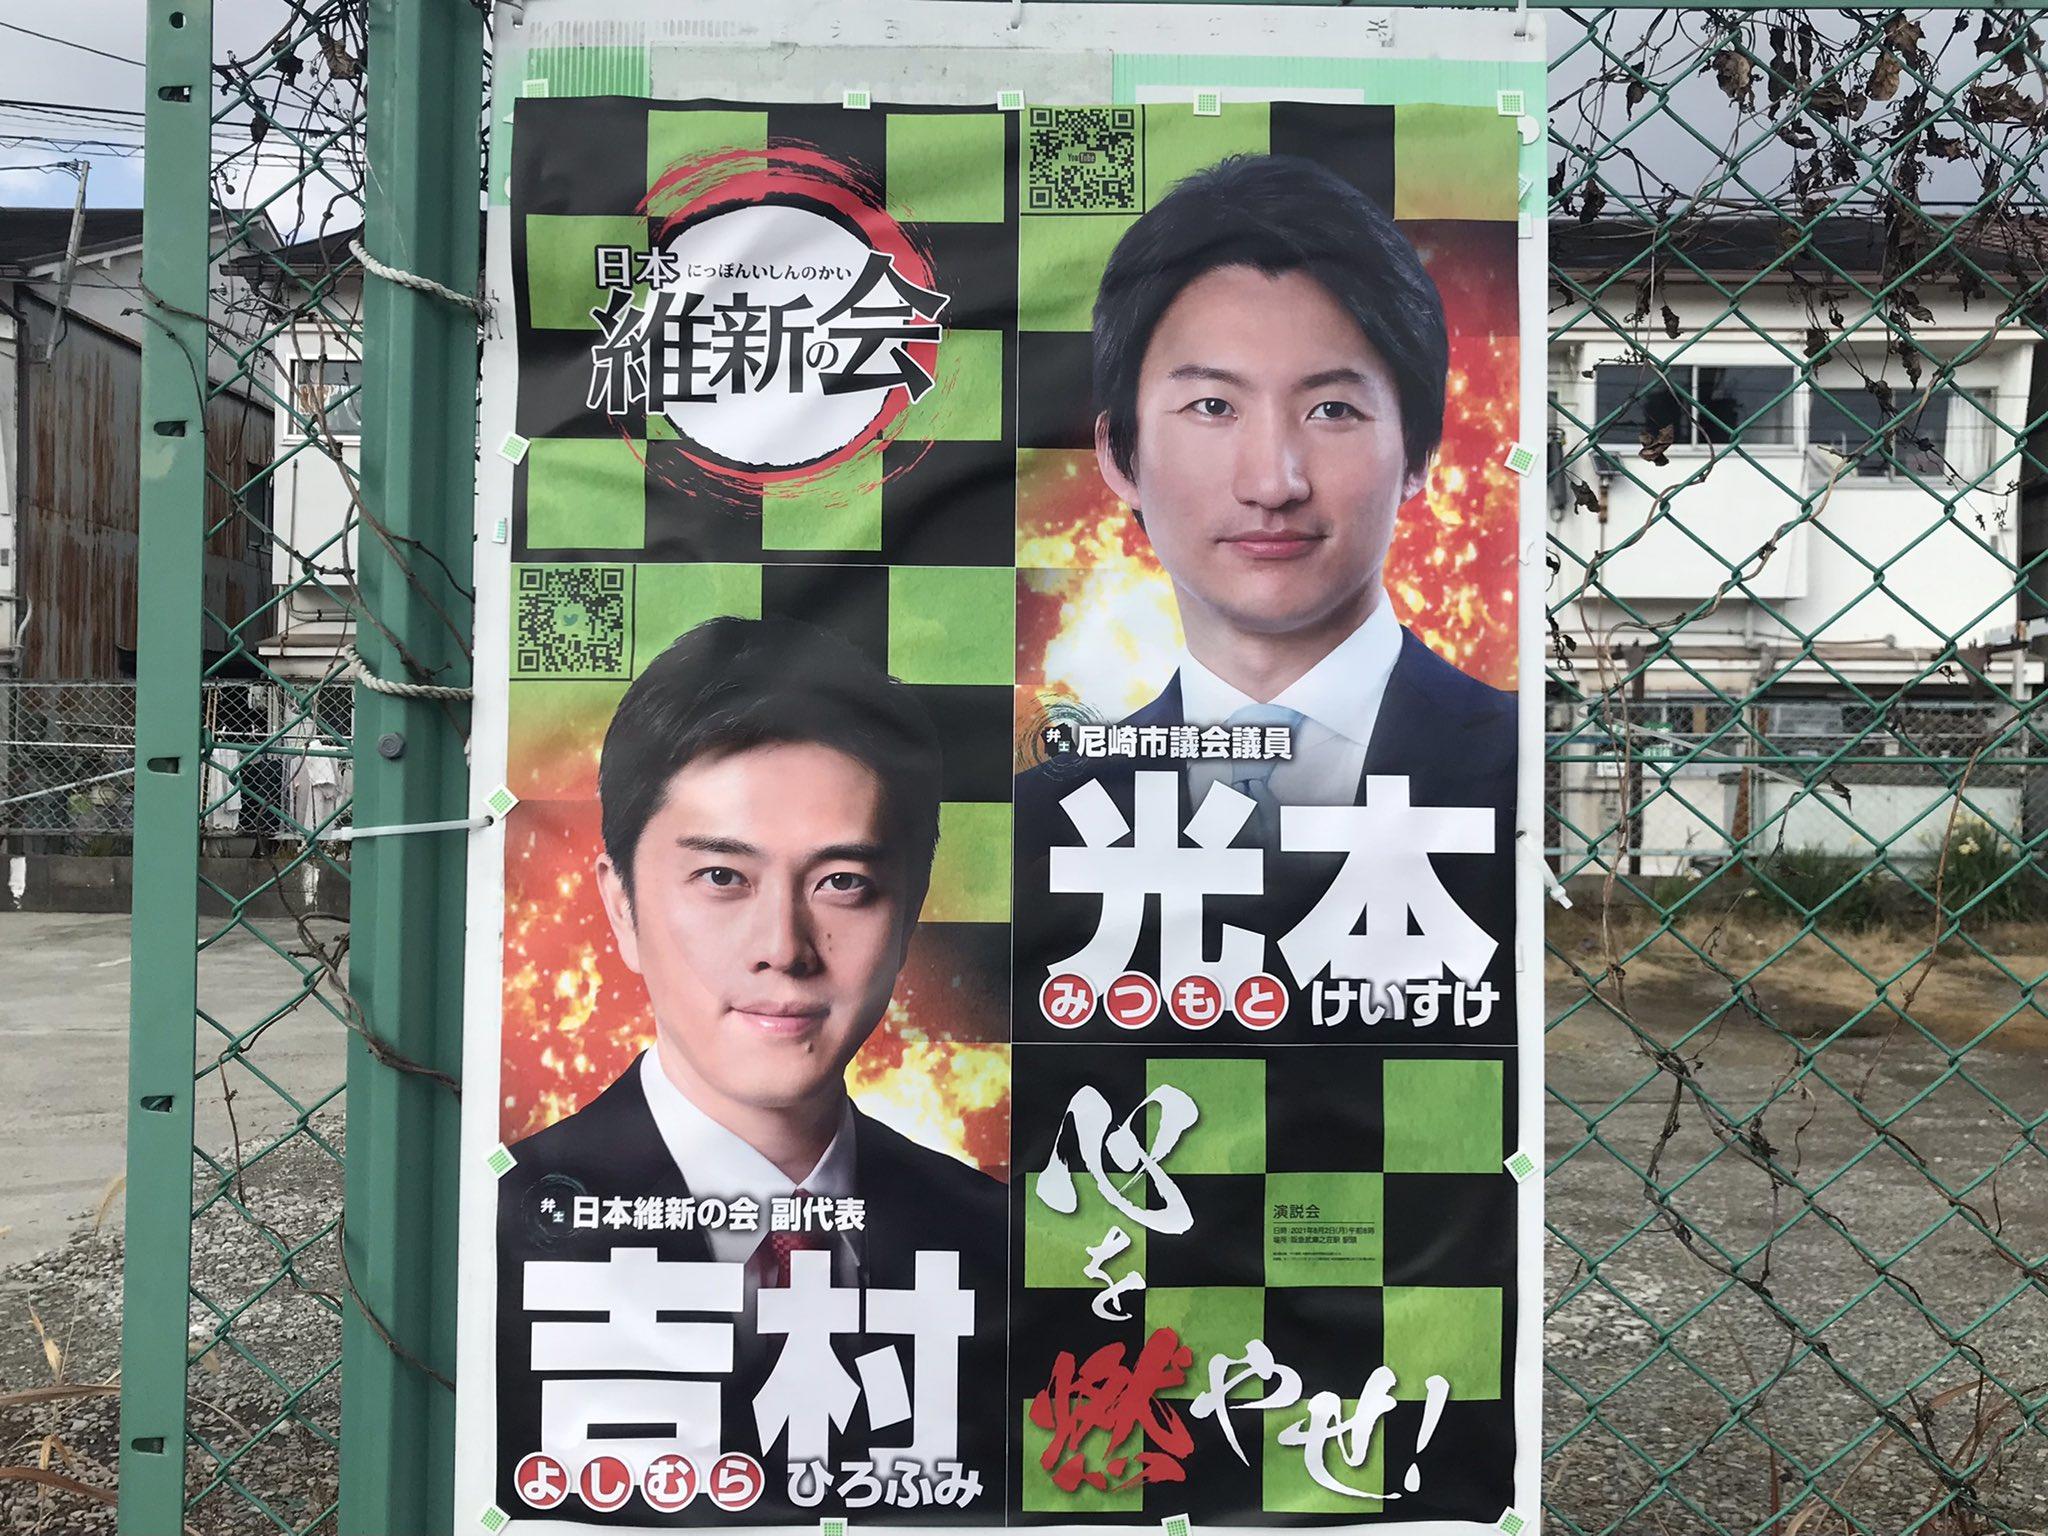 fotografia de los carteles de Osaka del gobernador y su secretario con motivows de Kimetsu no yaiba.